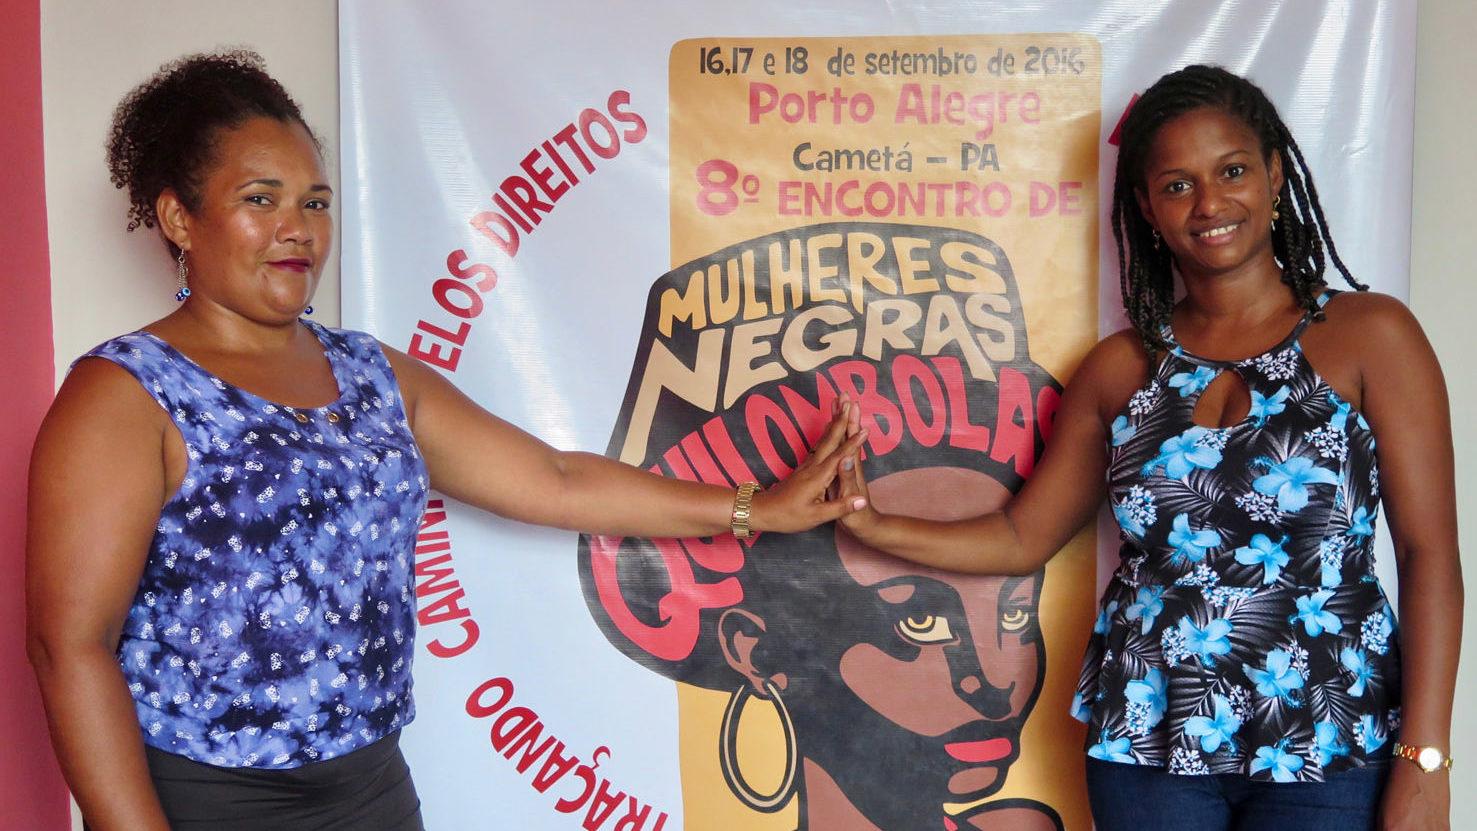 Mulheres quilombolas falam sobre violência e busca por direitos no Pará